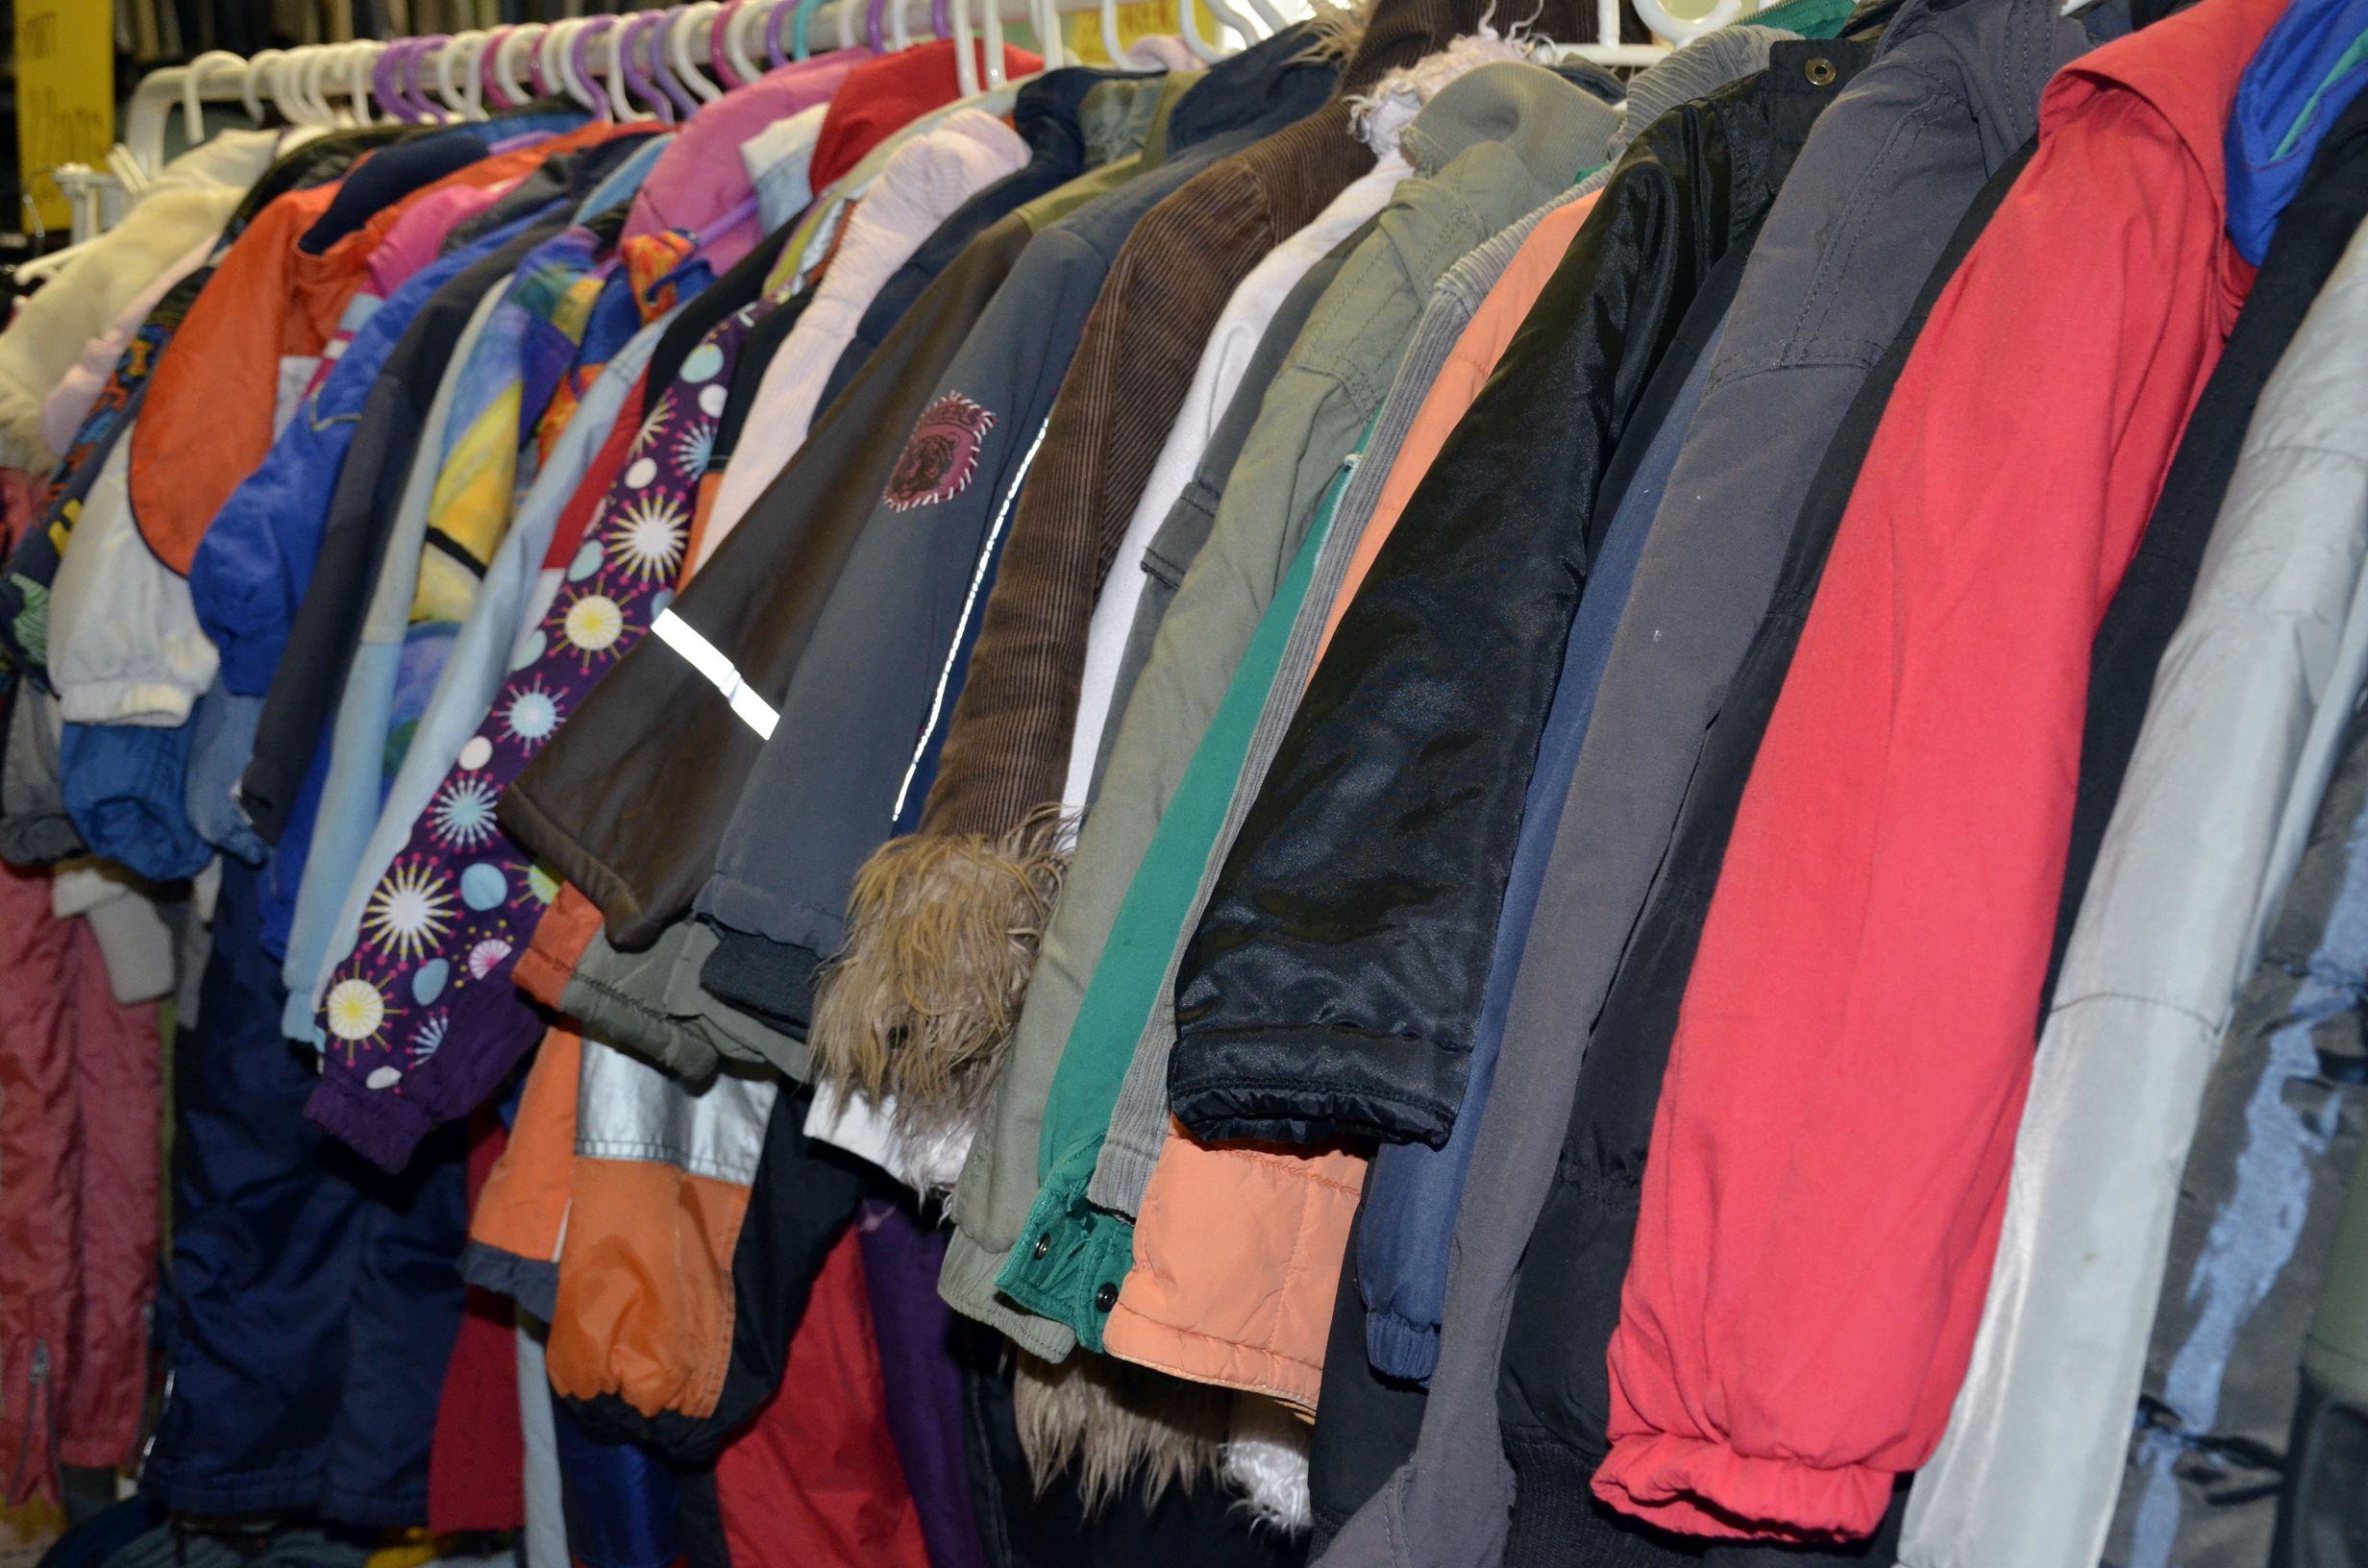 39ac0fe17b ... használt ruhák pécs, használt ruha pécs, használt ruhák, használt ruhák,  pécsi használt ...